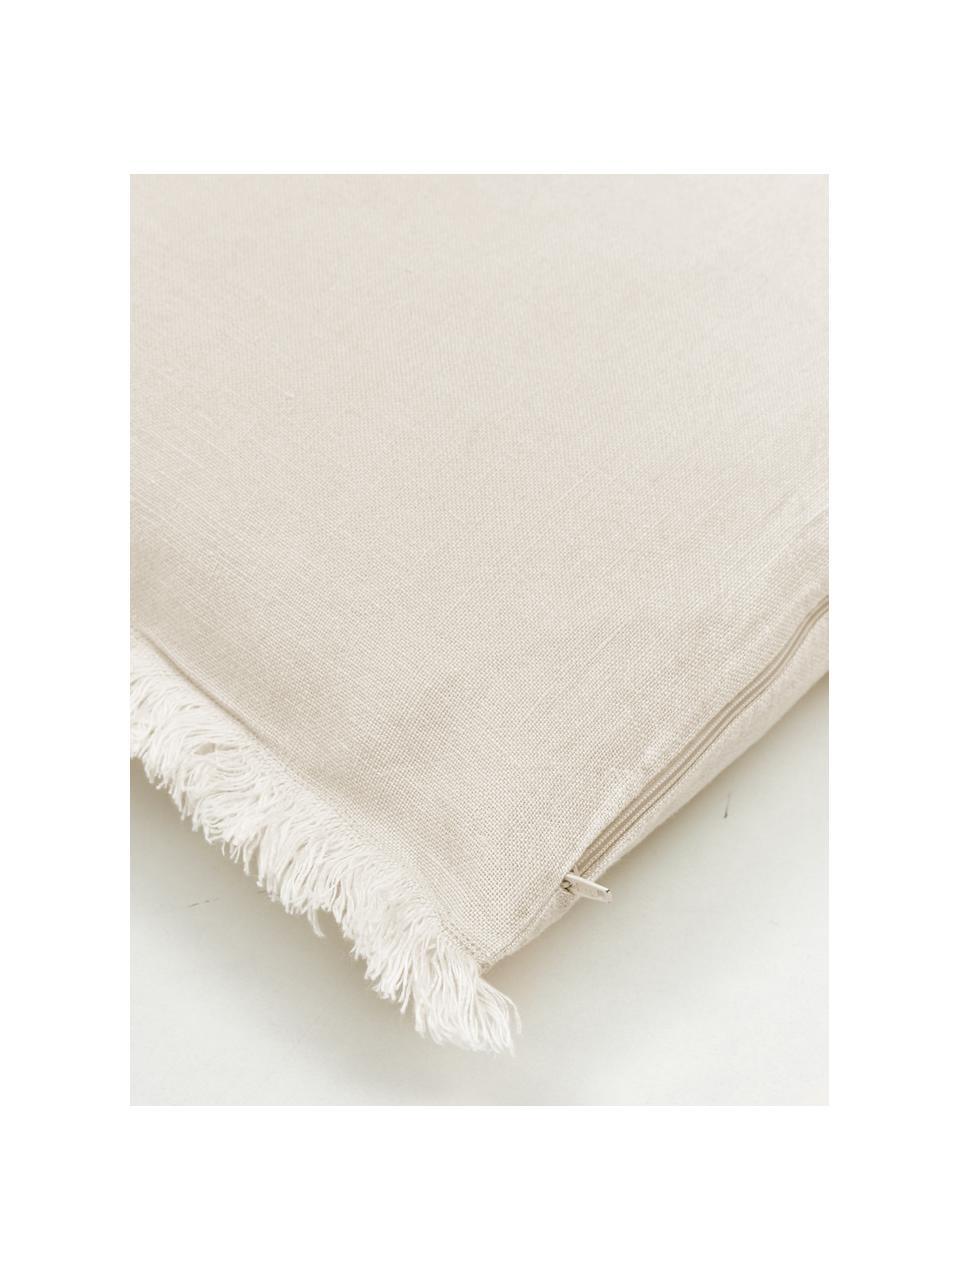 Poszewka na poduszkę z lnu z frędzlami Luana, 100% len, Beżowy, S 50 x D 50 cm